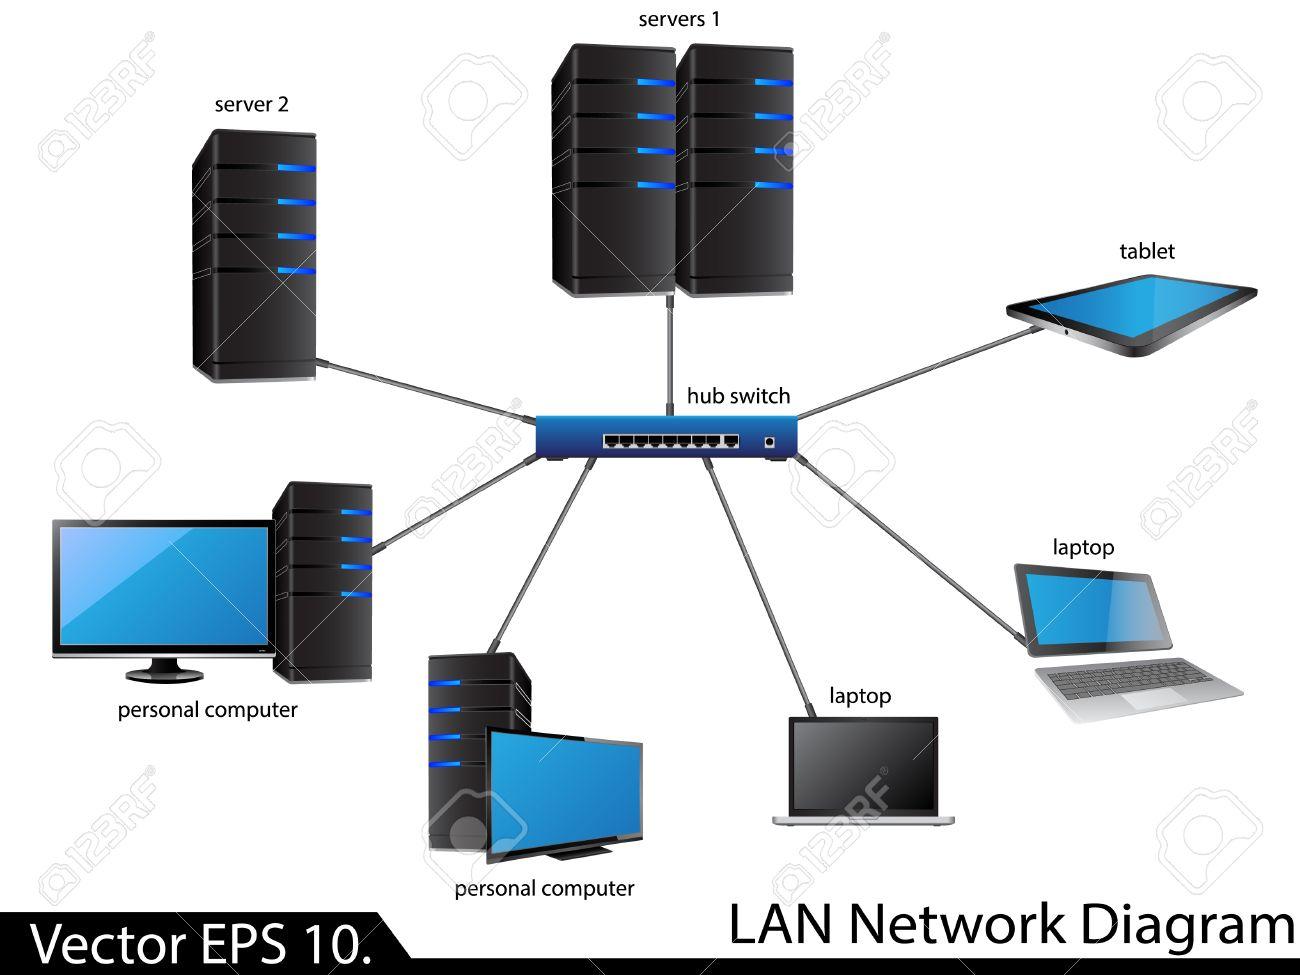 Lan Network Diagram Stock Photos Images Royalty Free Lan Network